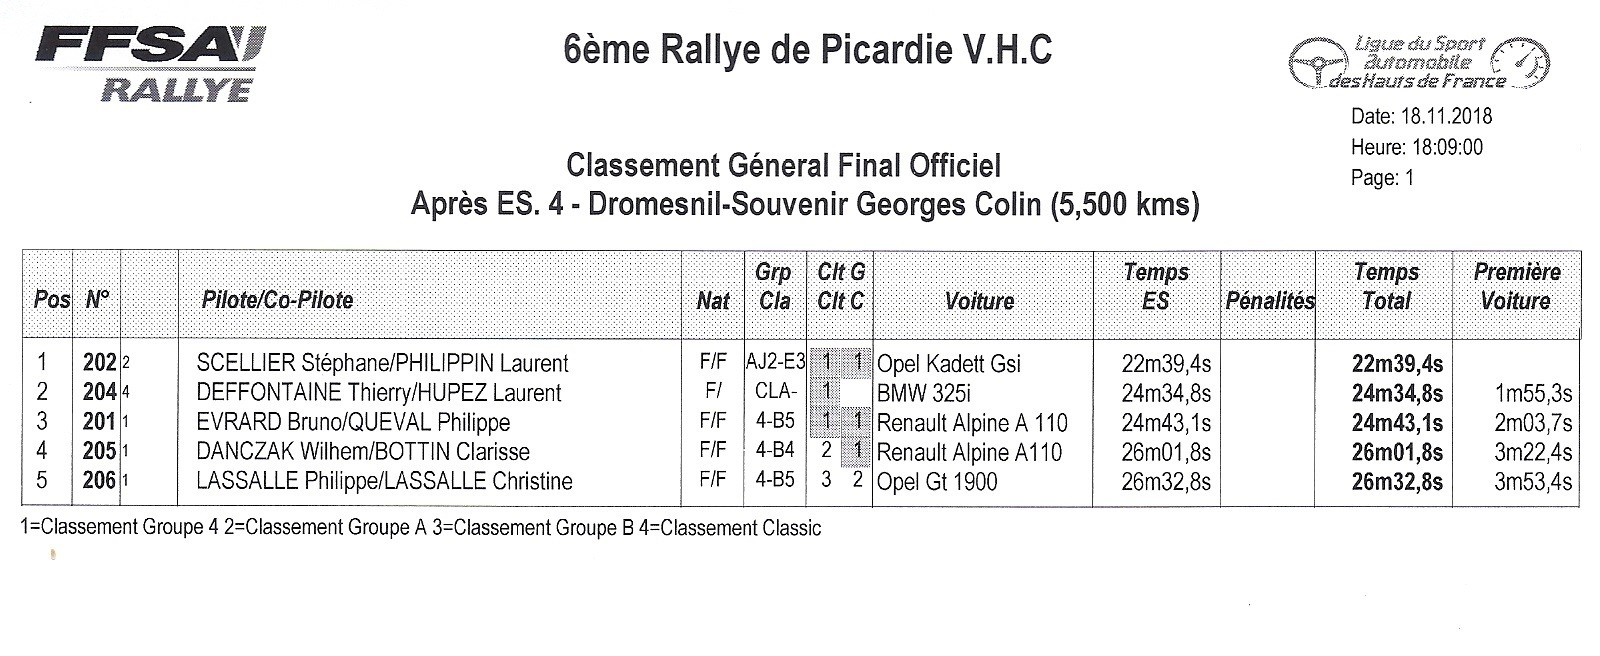 Clas général VHC